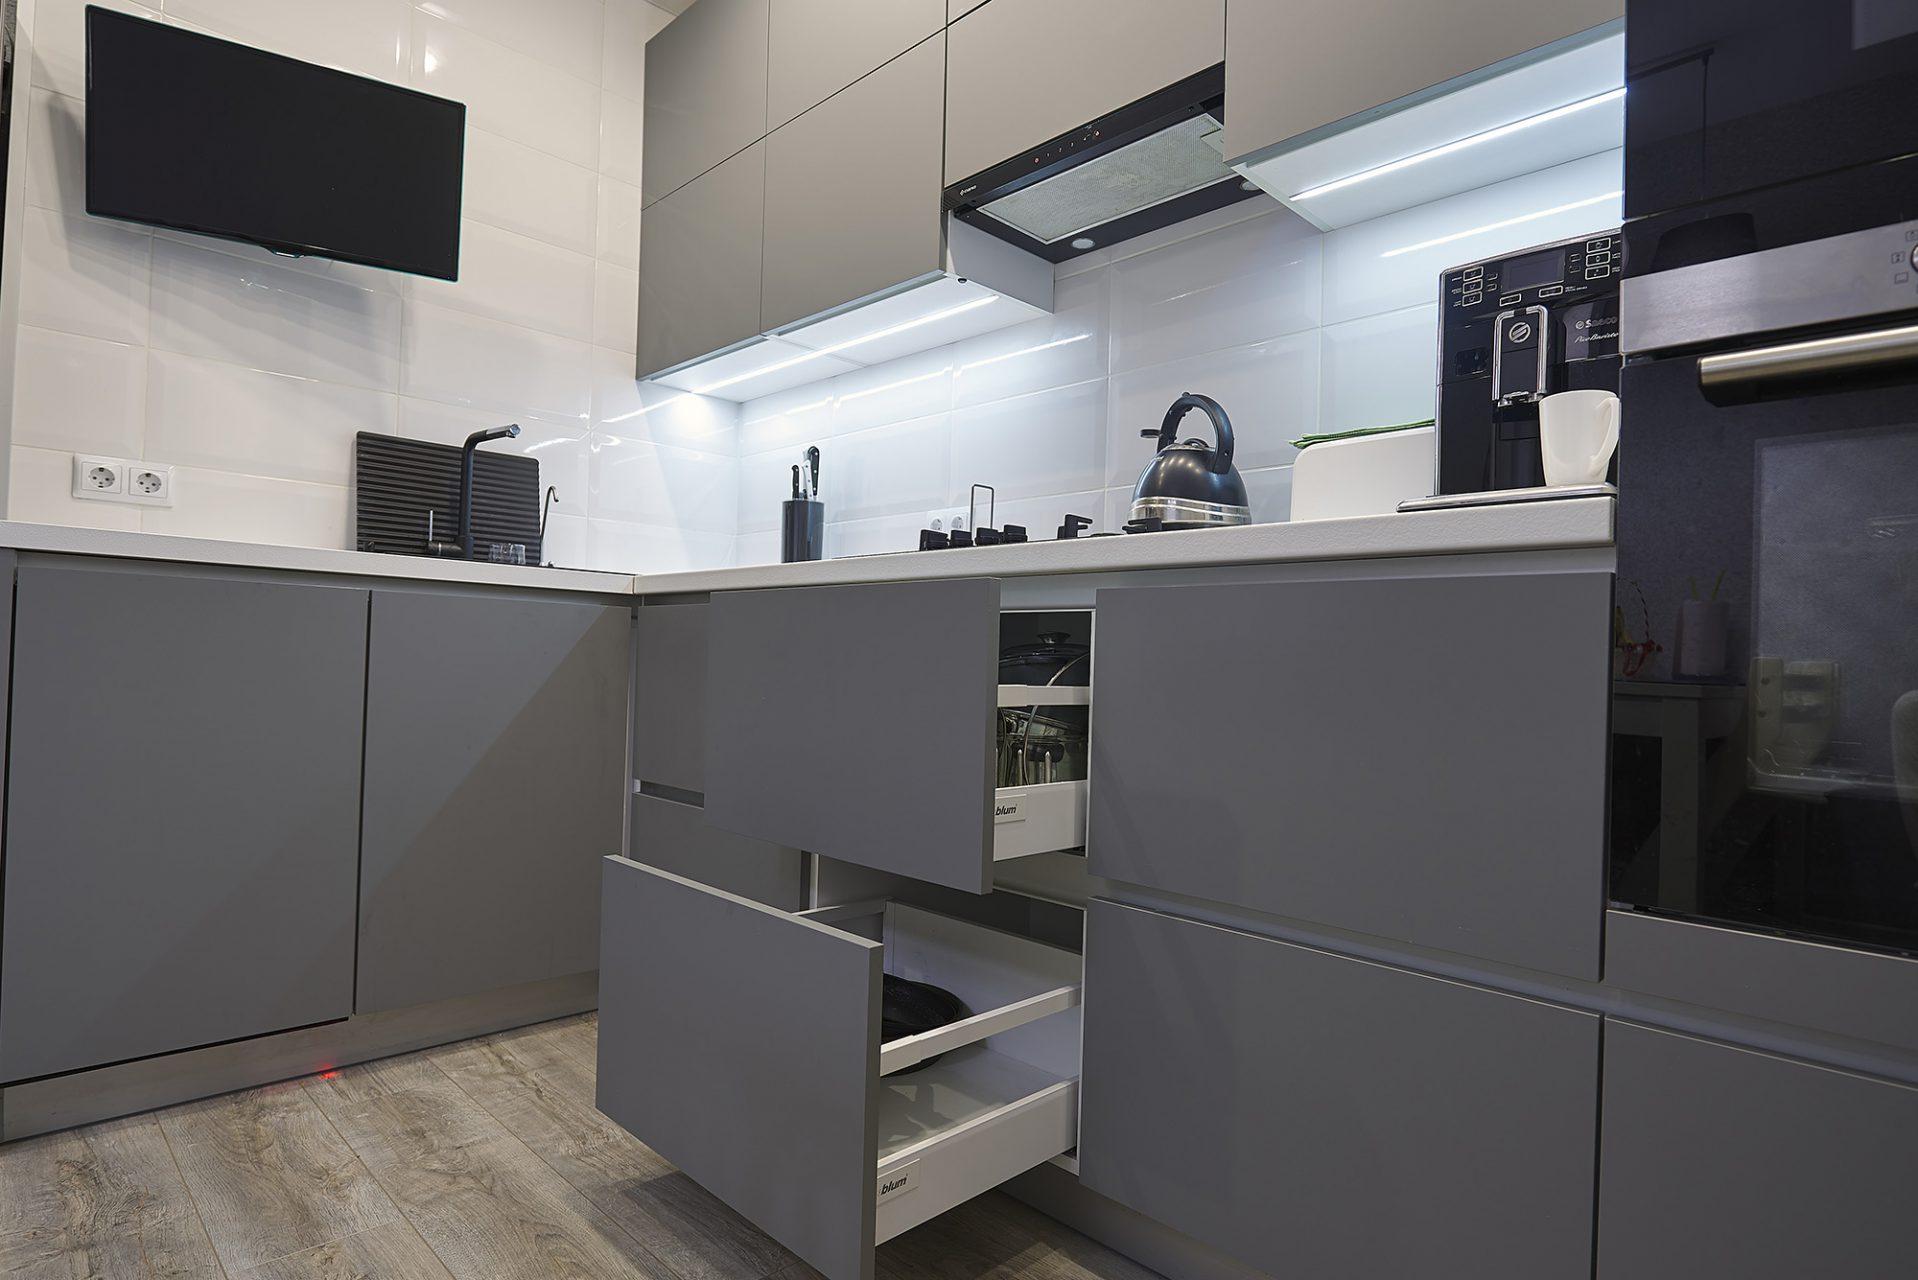 006_interior_kitchen5_korneychikeu